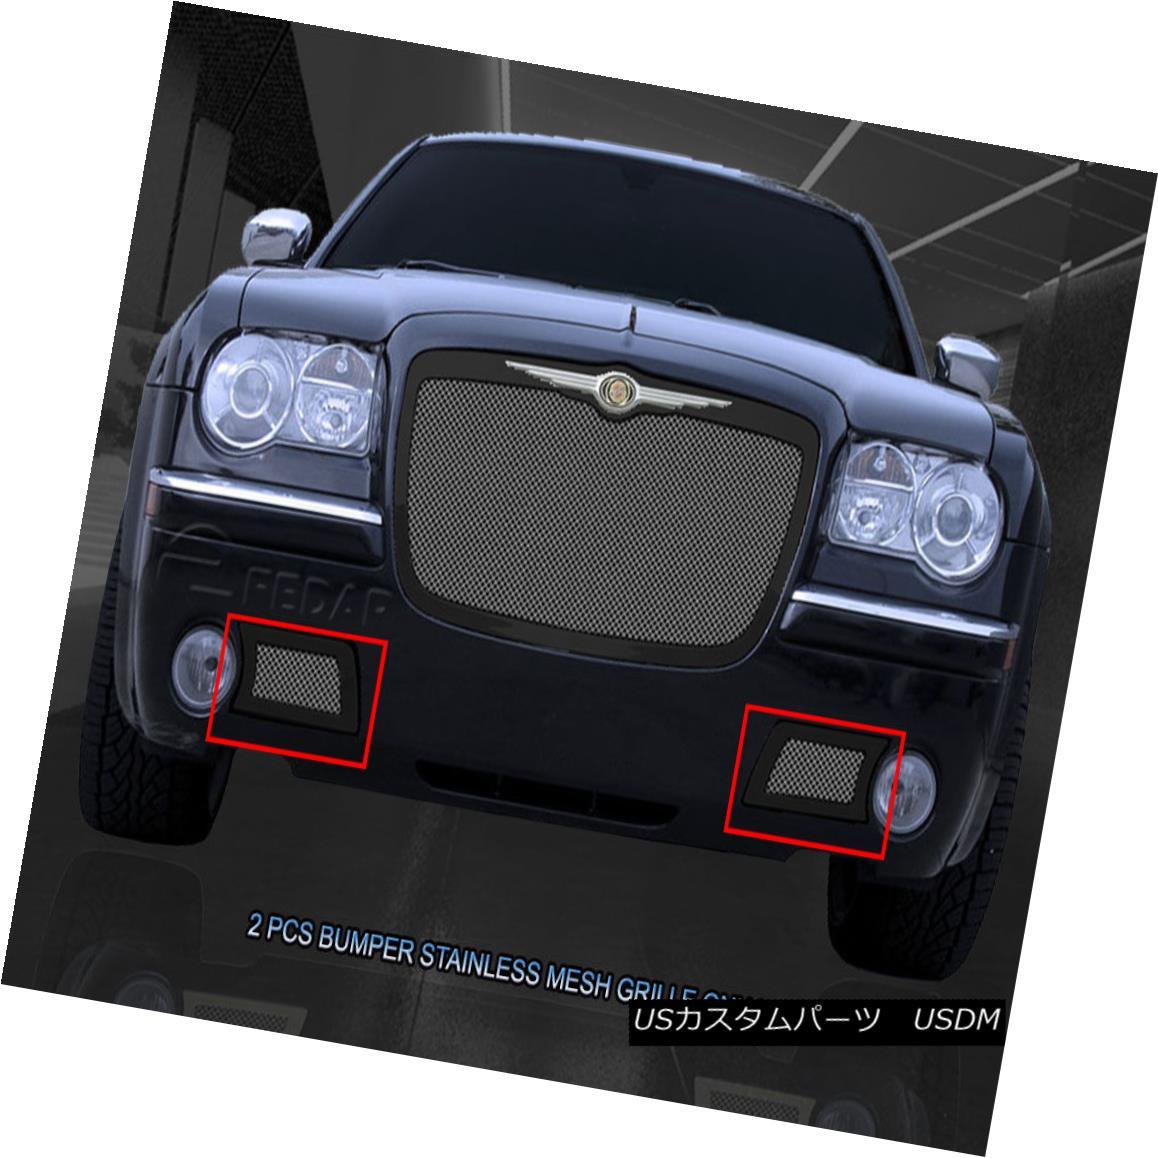 グリル Fedar Fits 2005-2010 Chrysler 300C Chrome/Black Bumper Mesh Grille Insert Fedar適合2005-2010クライスラー300Cクロム/ブラックバンパーメッシュグリルインサート